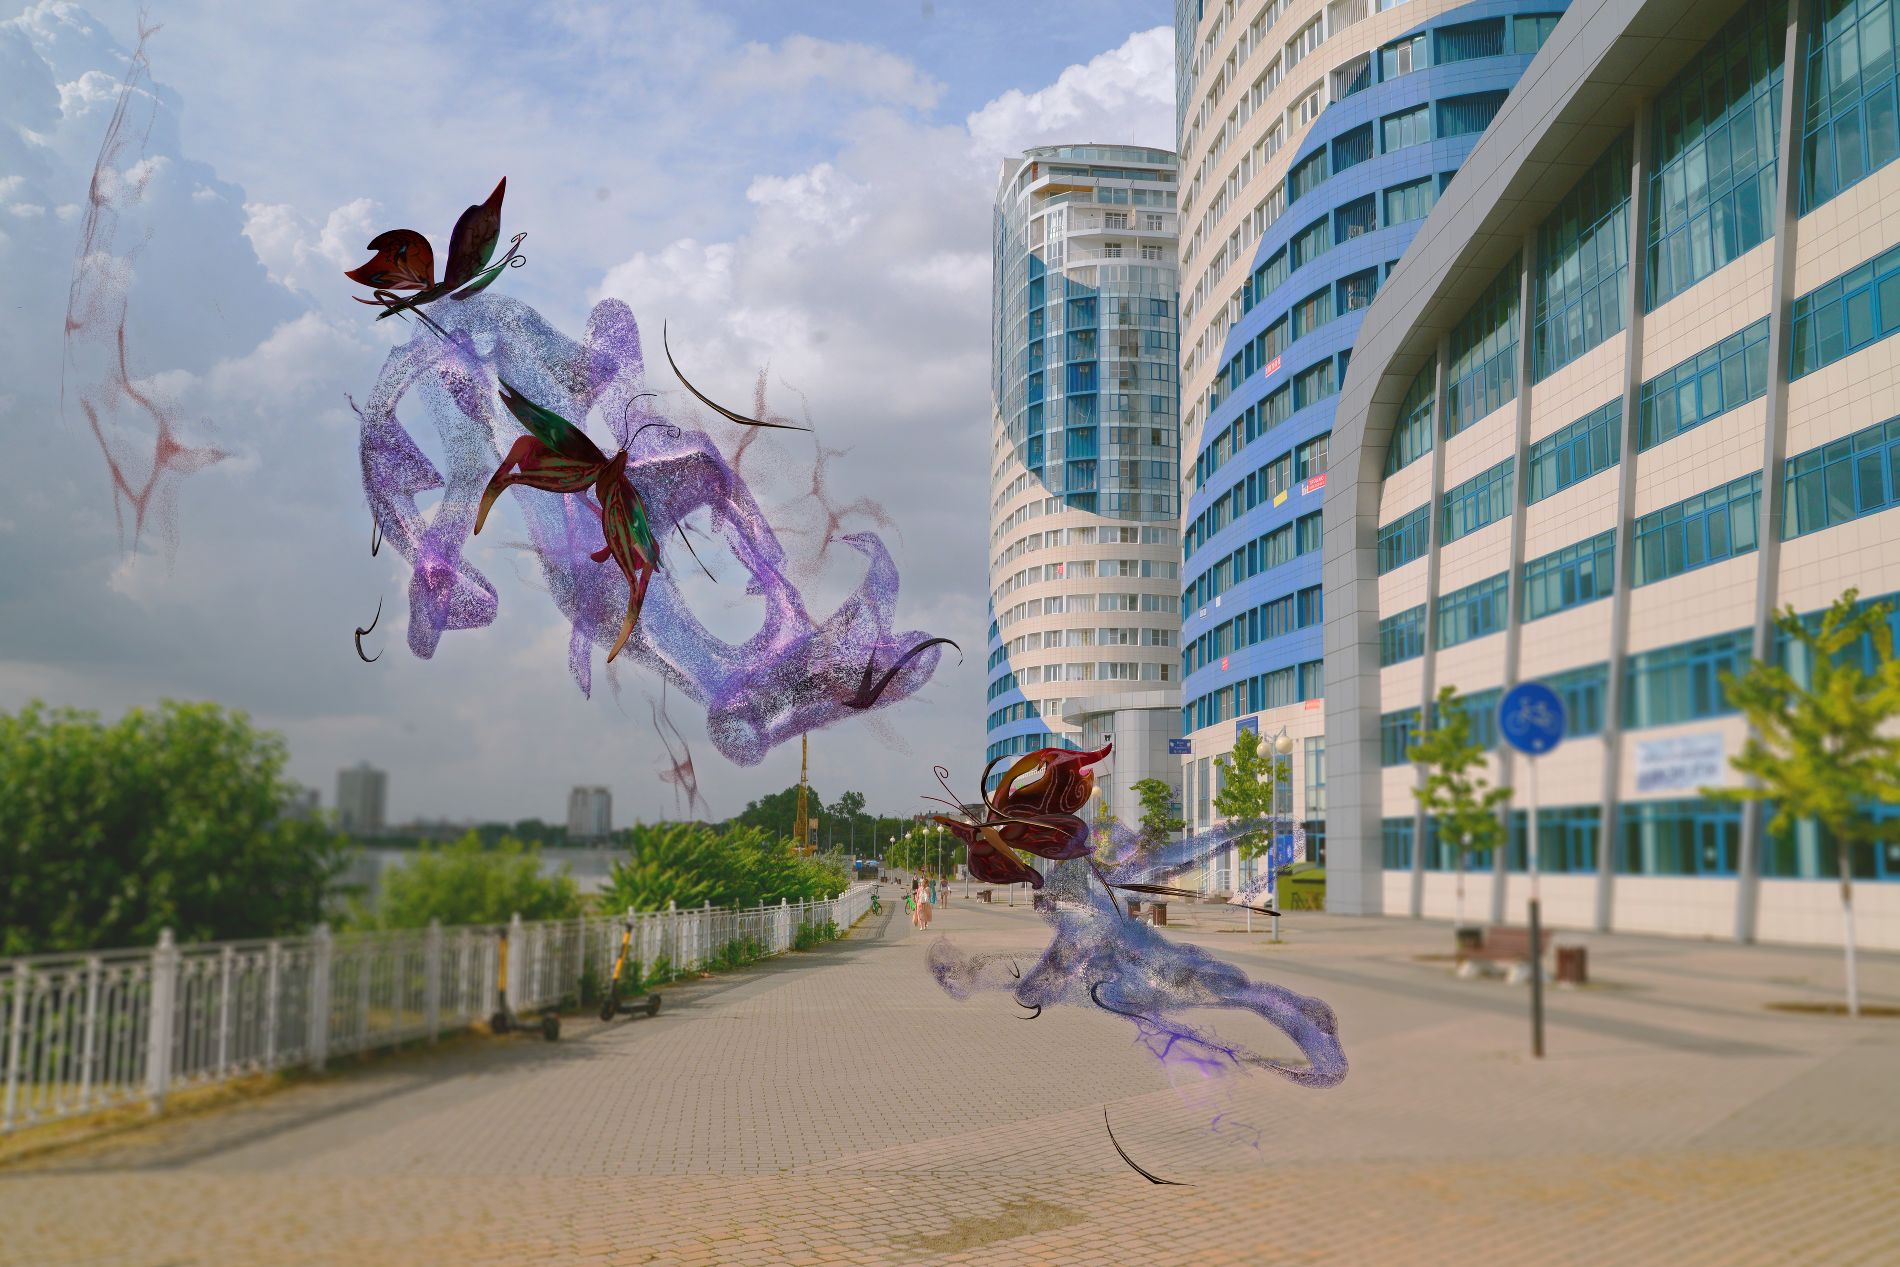 «Пыльца», виртуальная скульптура Анны Таганцевой-Кобзевой ©Пресс-служба фестиваля Rosbank Future Cities